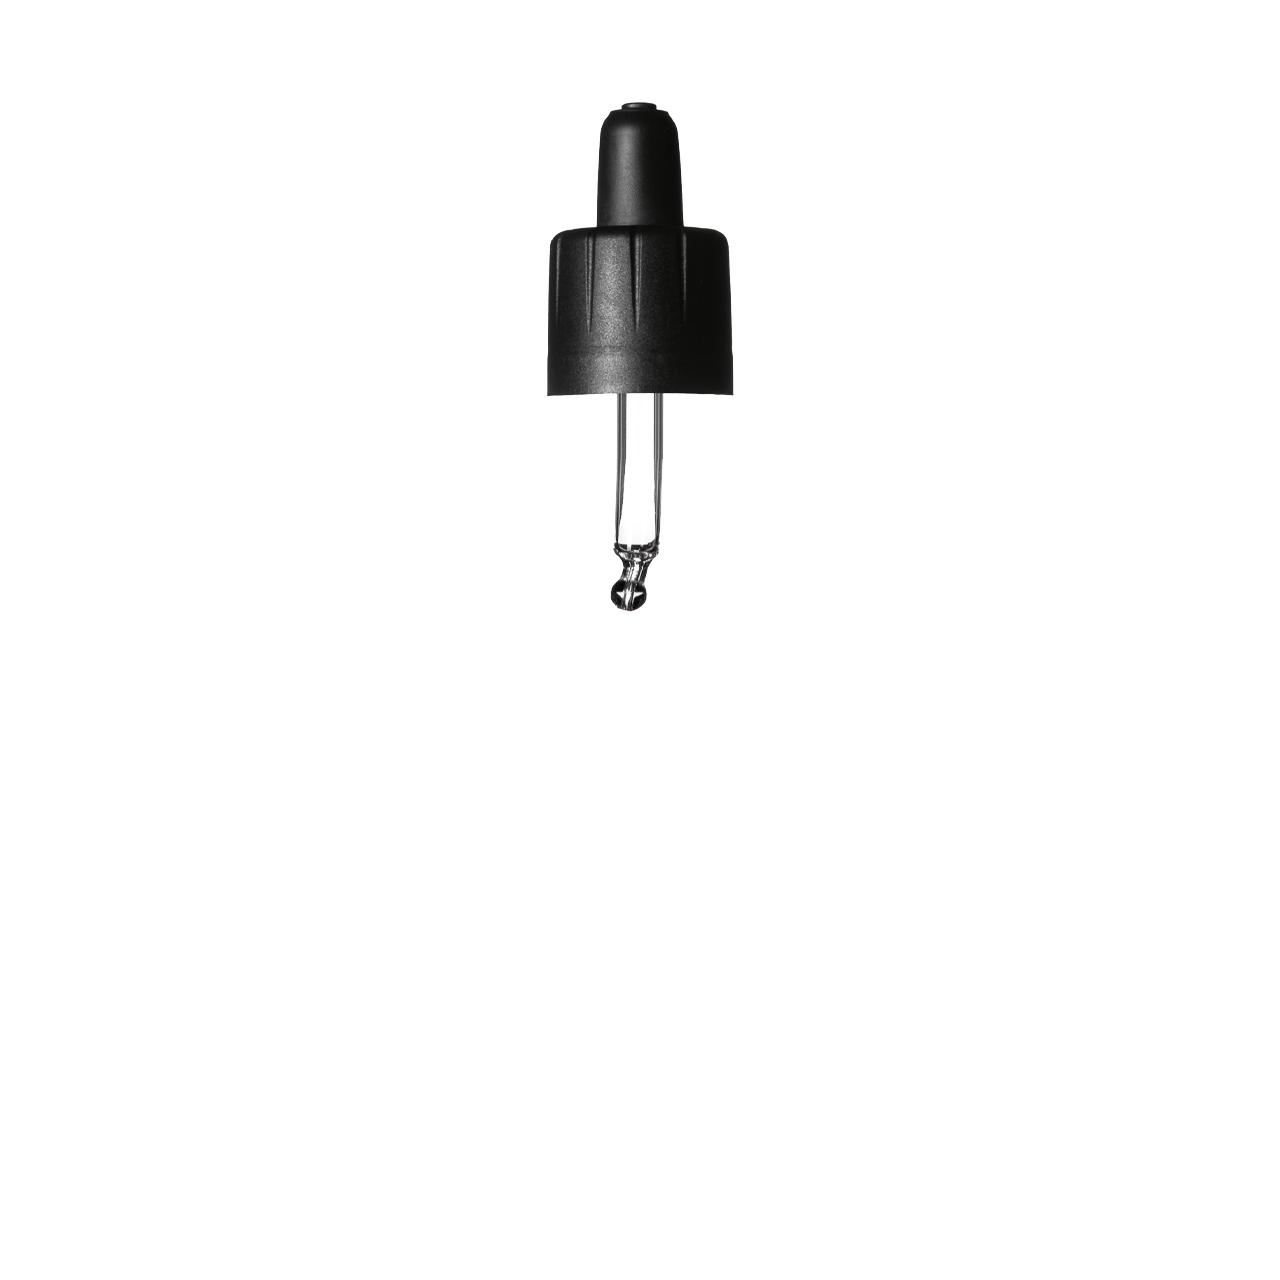 Kindersicherung Pipettenkappen-Serie II mit Birne: TPE, tip: gebogene Kugel, Dosis: 0.7 für Tropfenflaschen Orion 5 ml, 168/GL18, Schwarz